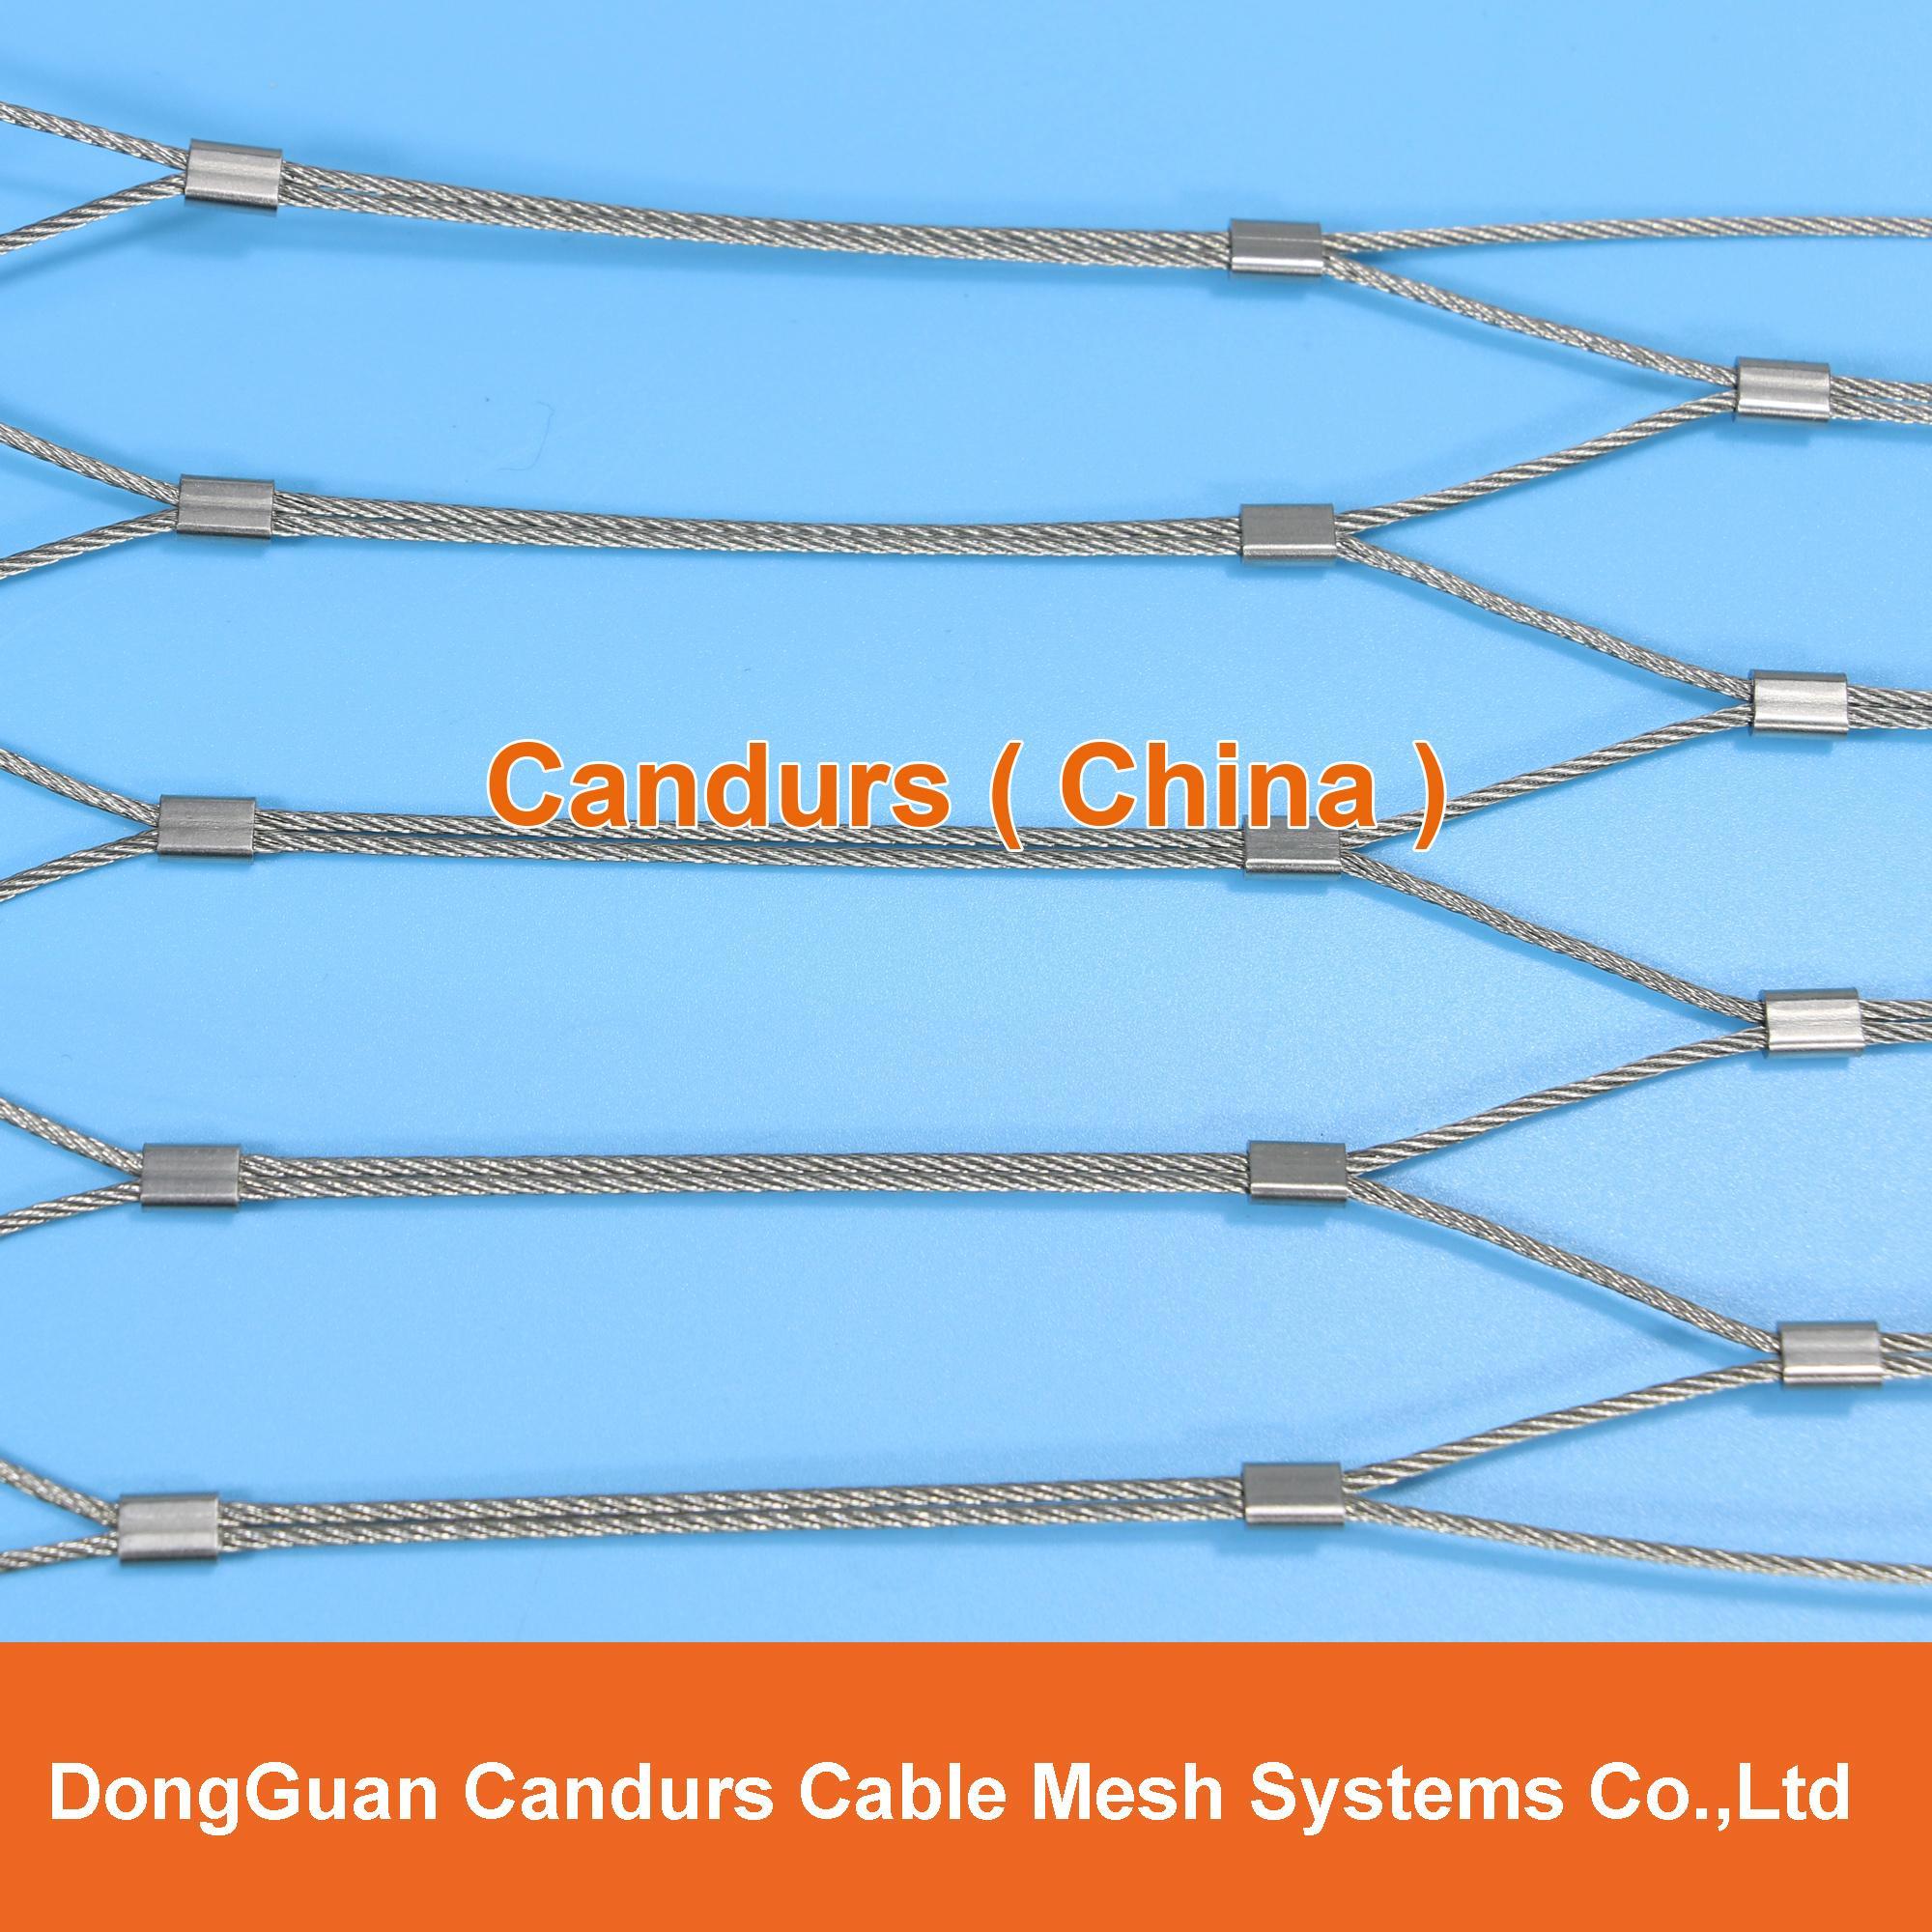 绿植用不锈钢绳网 19